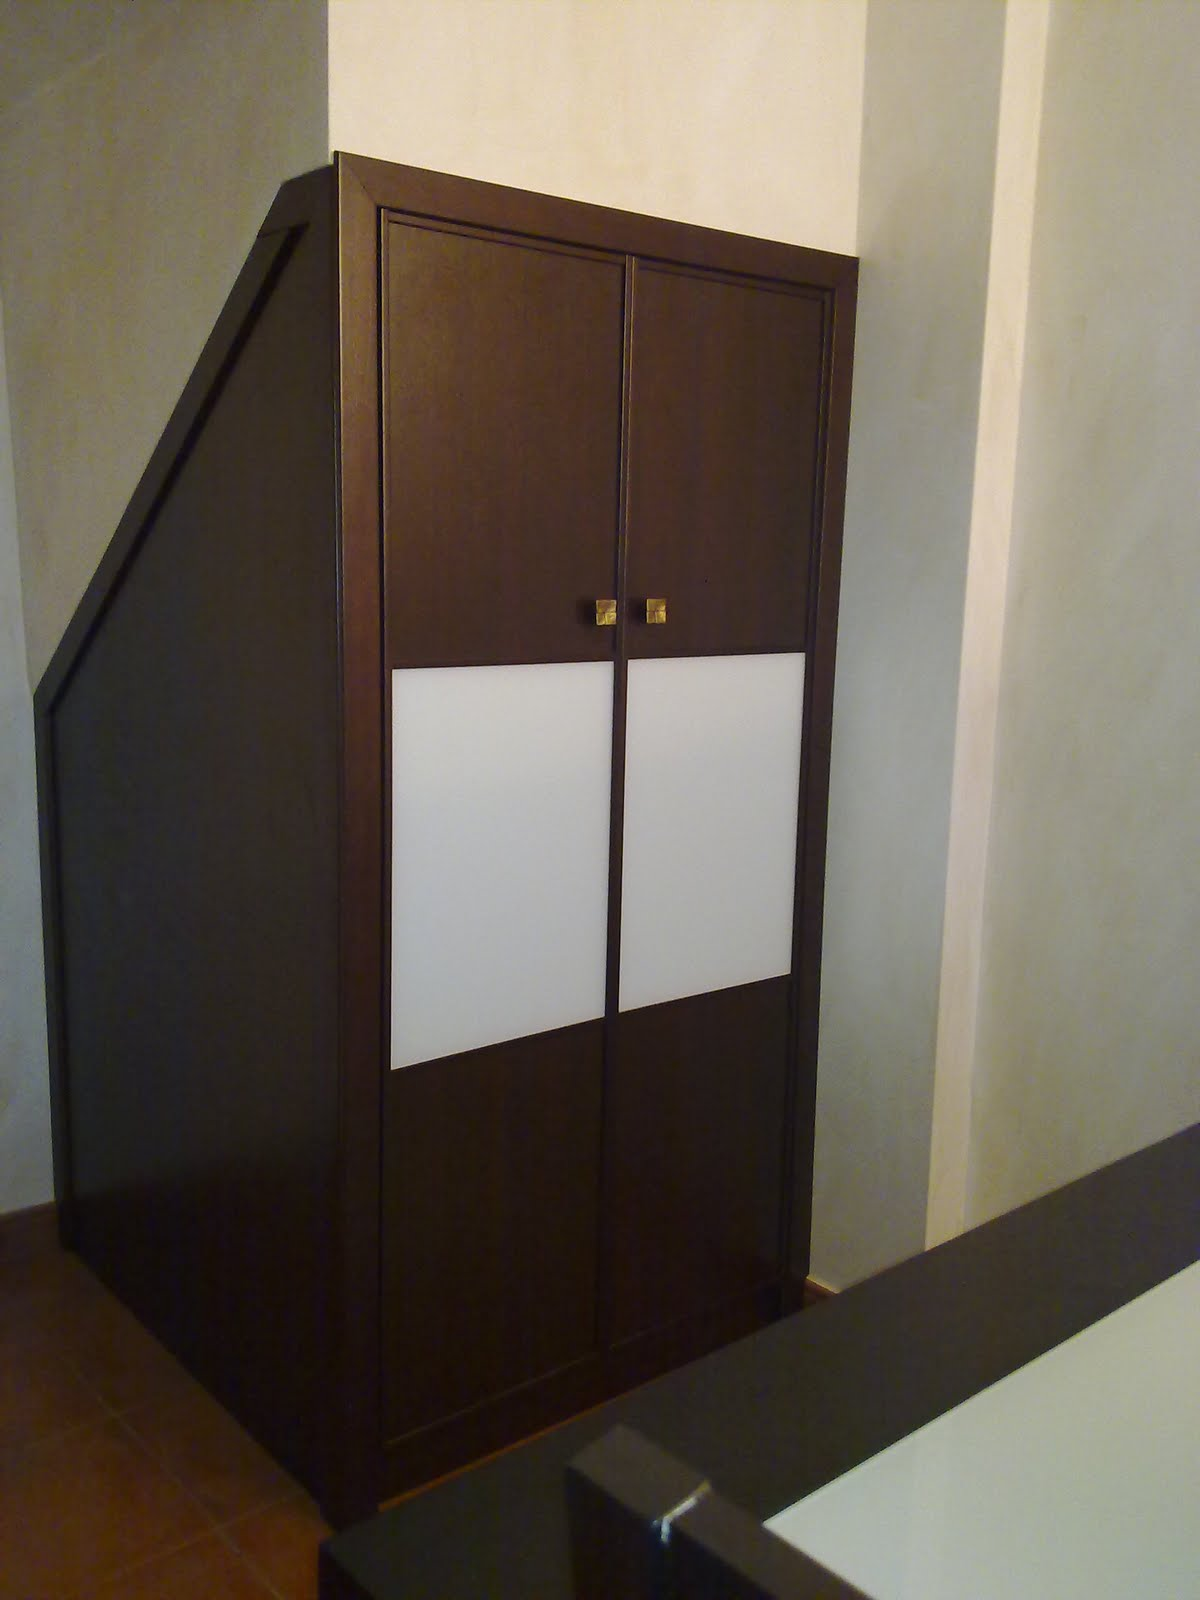 Spazio 39 s agaterados armario en sal n for Armario salon